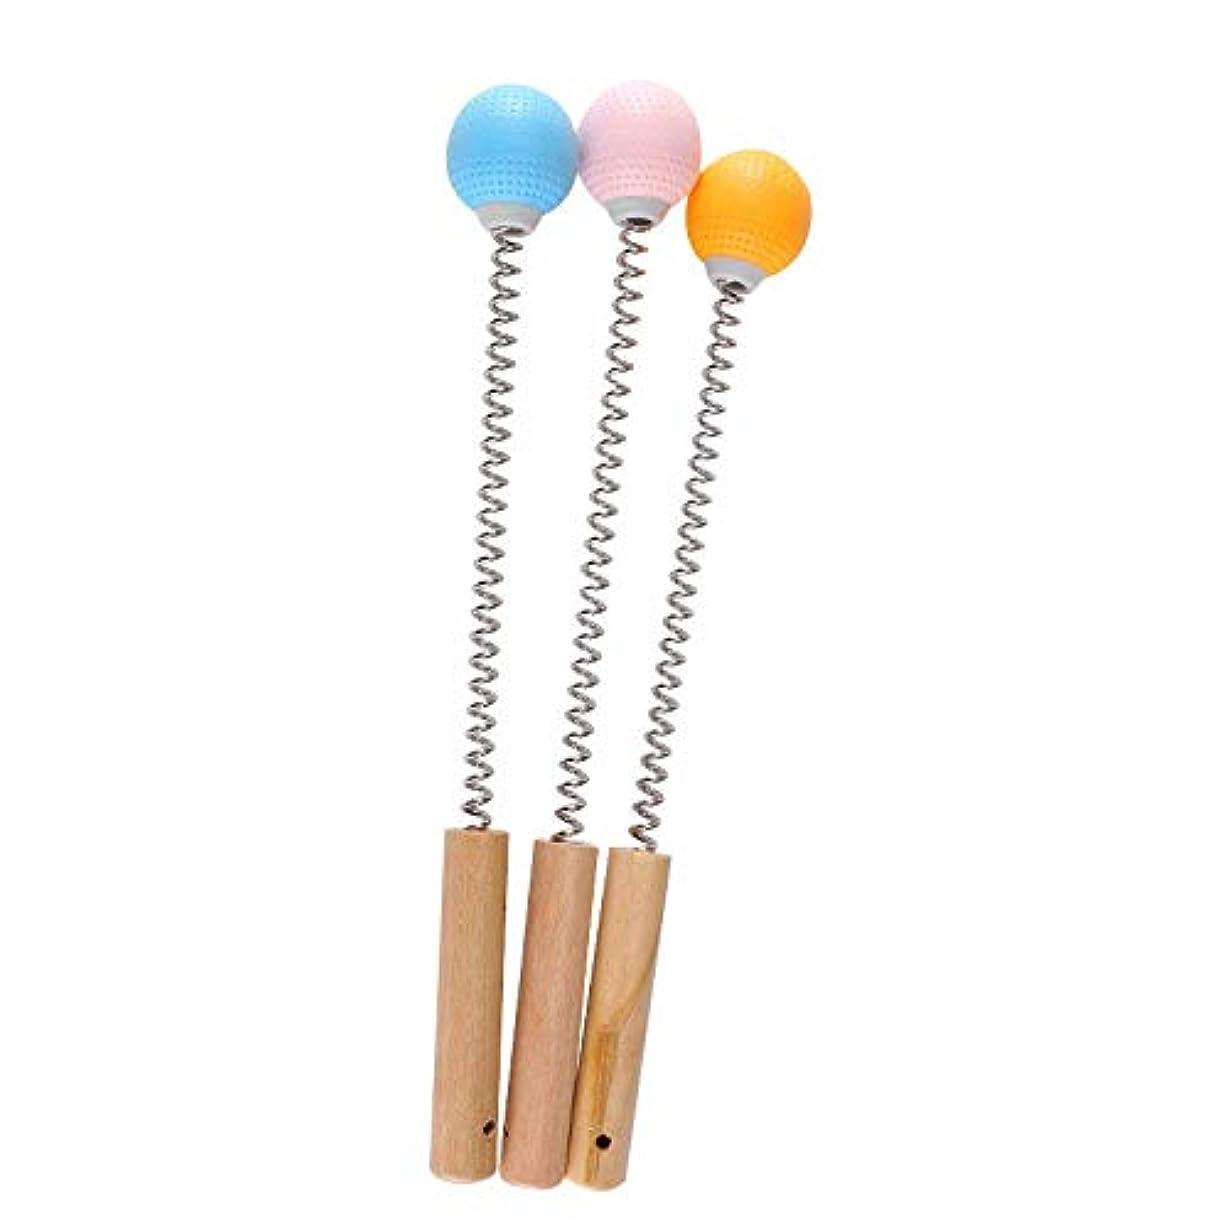 増強する驚いたモッキンバードOral Dentistry マッサージハンマー 肩たたき棒 木材柄 プラスチック製 ハンドル ばね付き ボディー ストレス 肩こり解消 手持ち ゴルフ型 (ブルー)